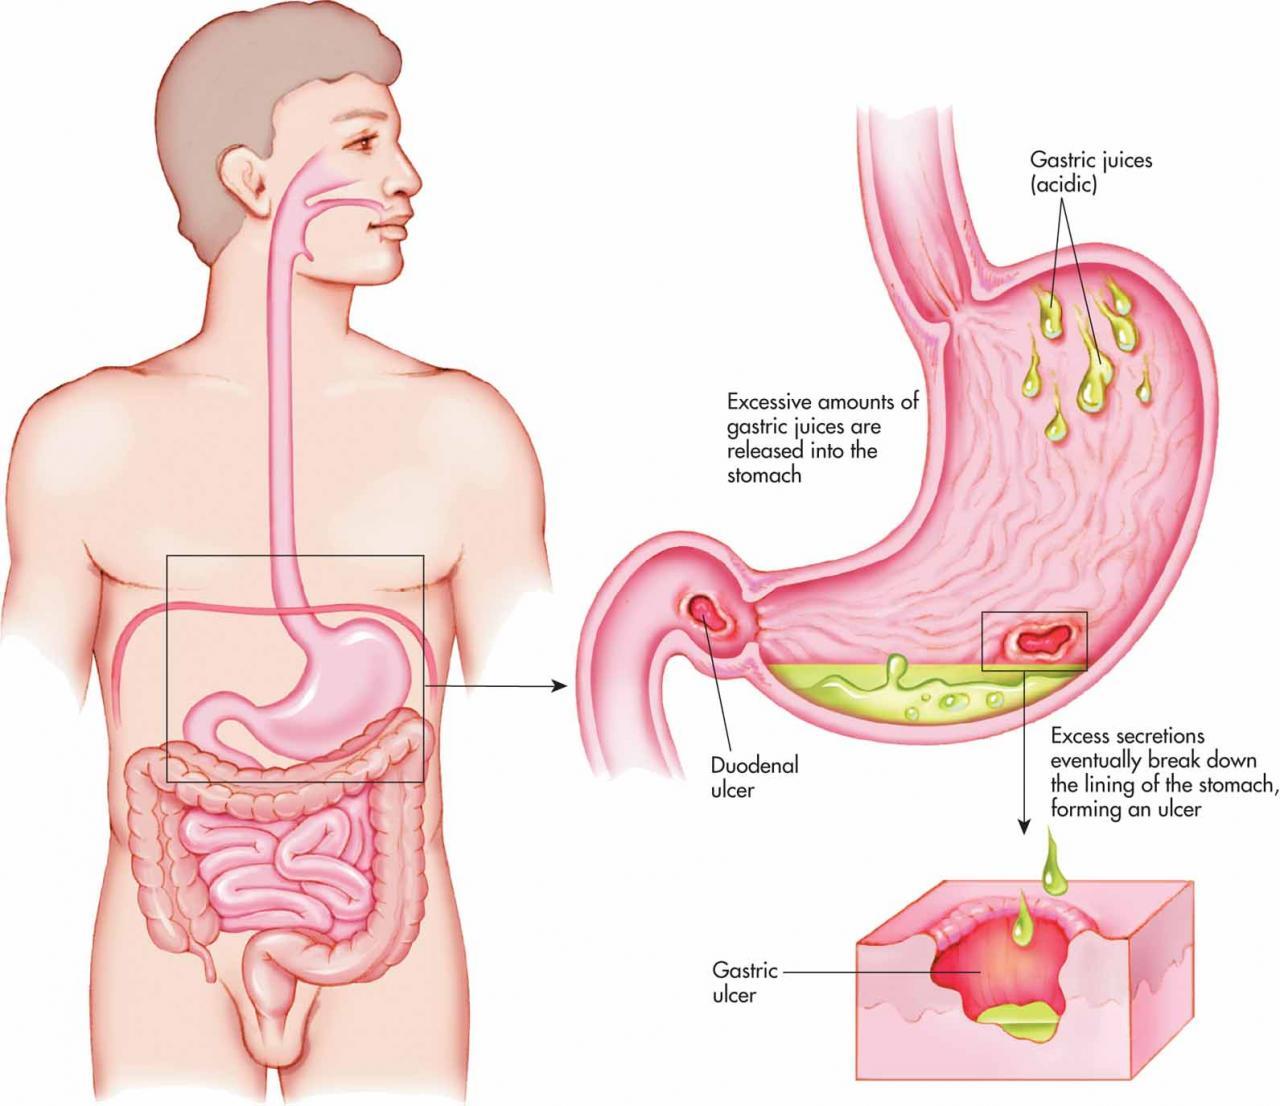 صور علاج قرحة المعدة , تعرف على اعراض قرحة المعدة